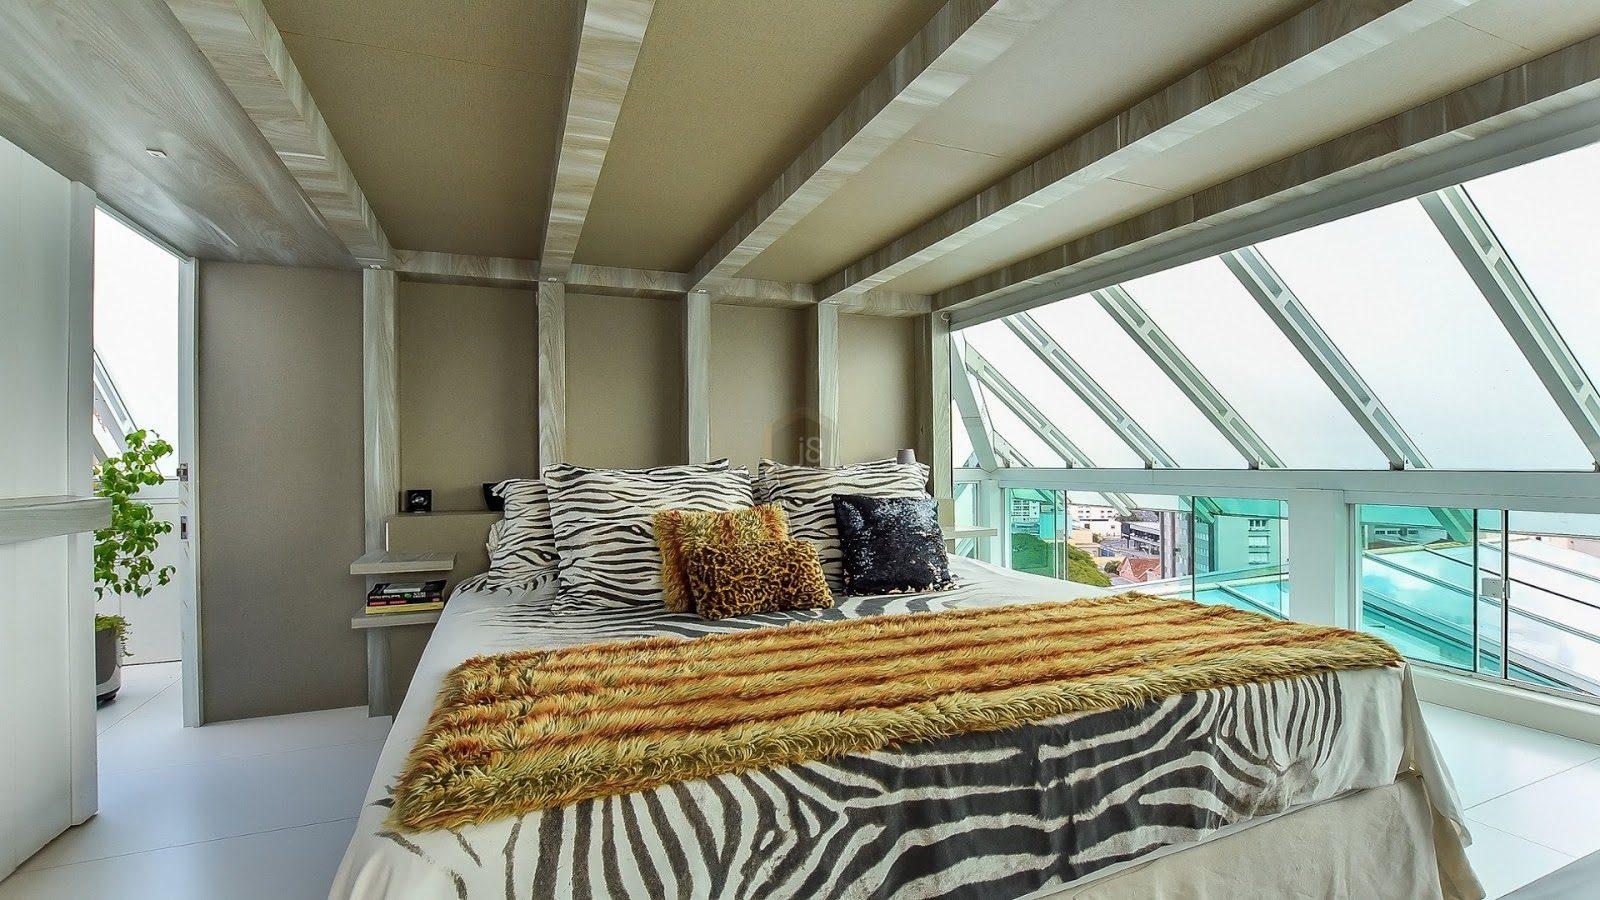 quarto em ático com colcha estampada e decoração extravagante